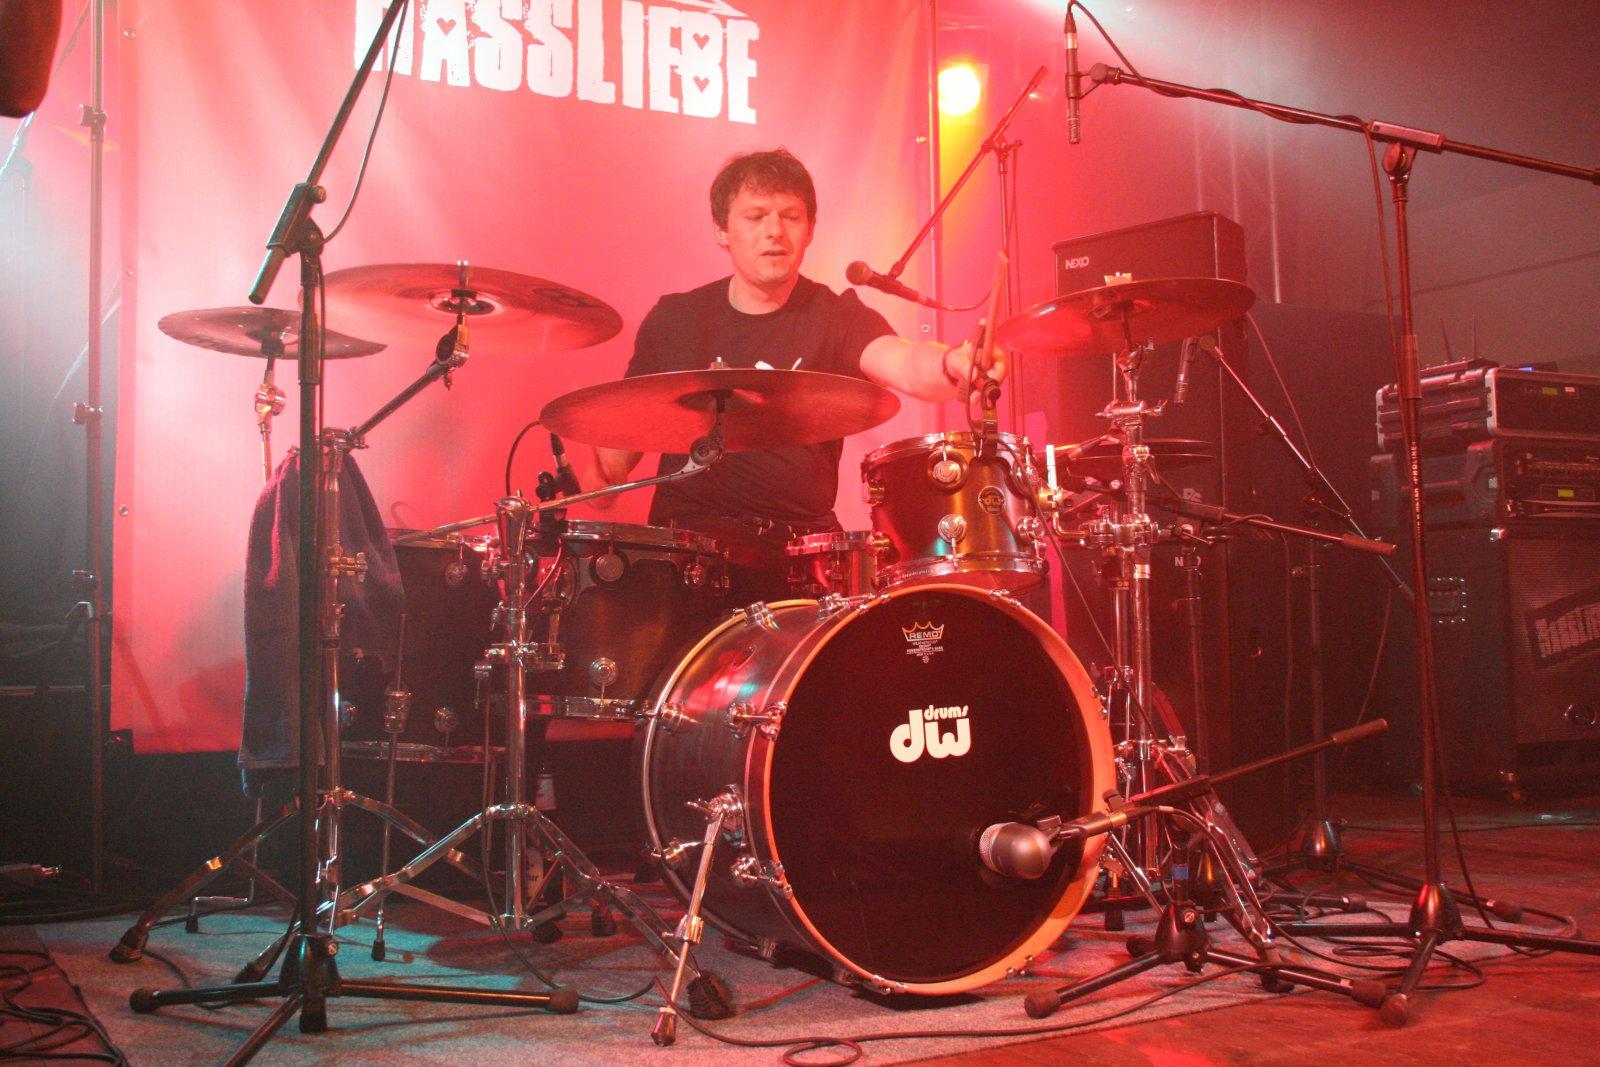 Hassliebe - Lennestadt Sauerlandhalle, 15.05.2010 - Foto von Andrea Jaeckel-Dobschat - 009